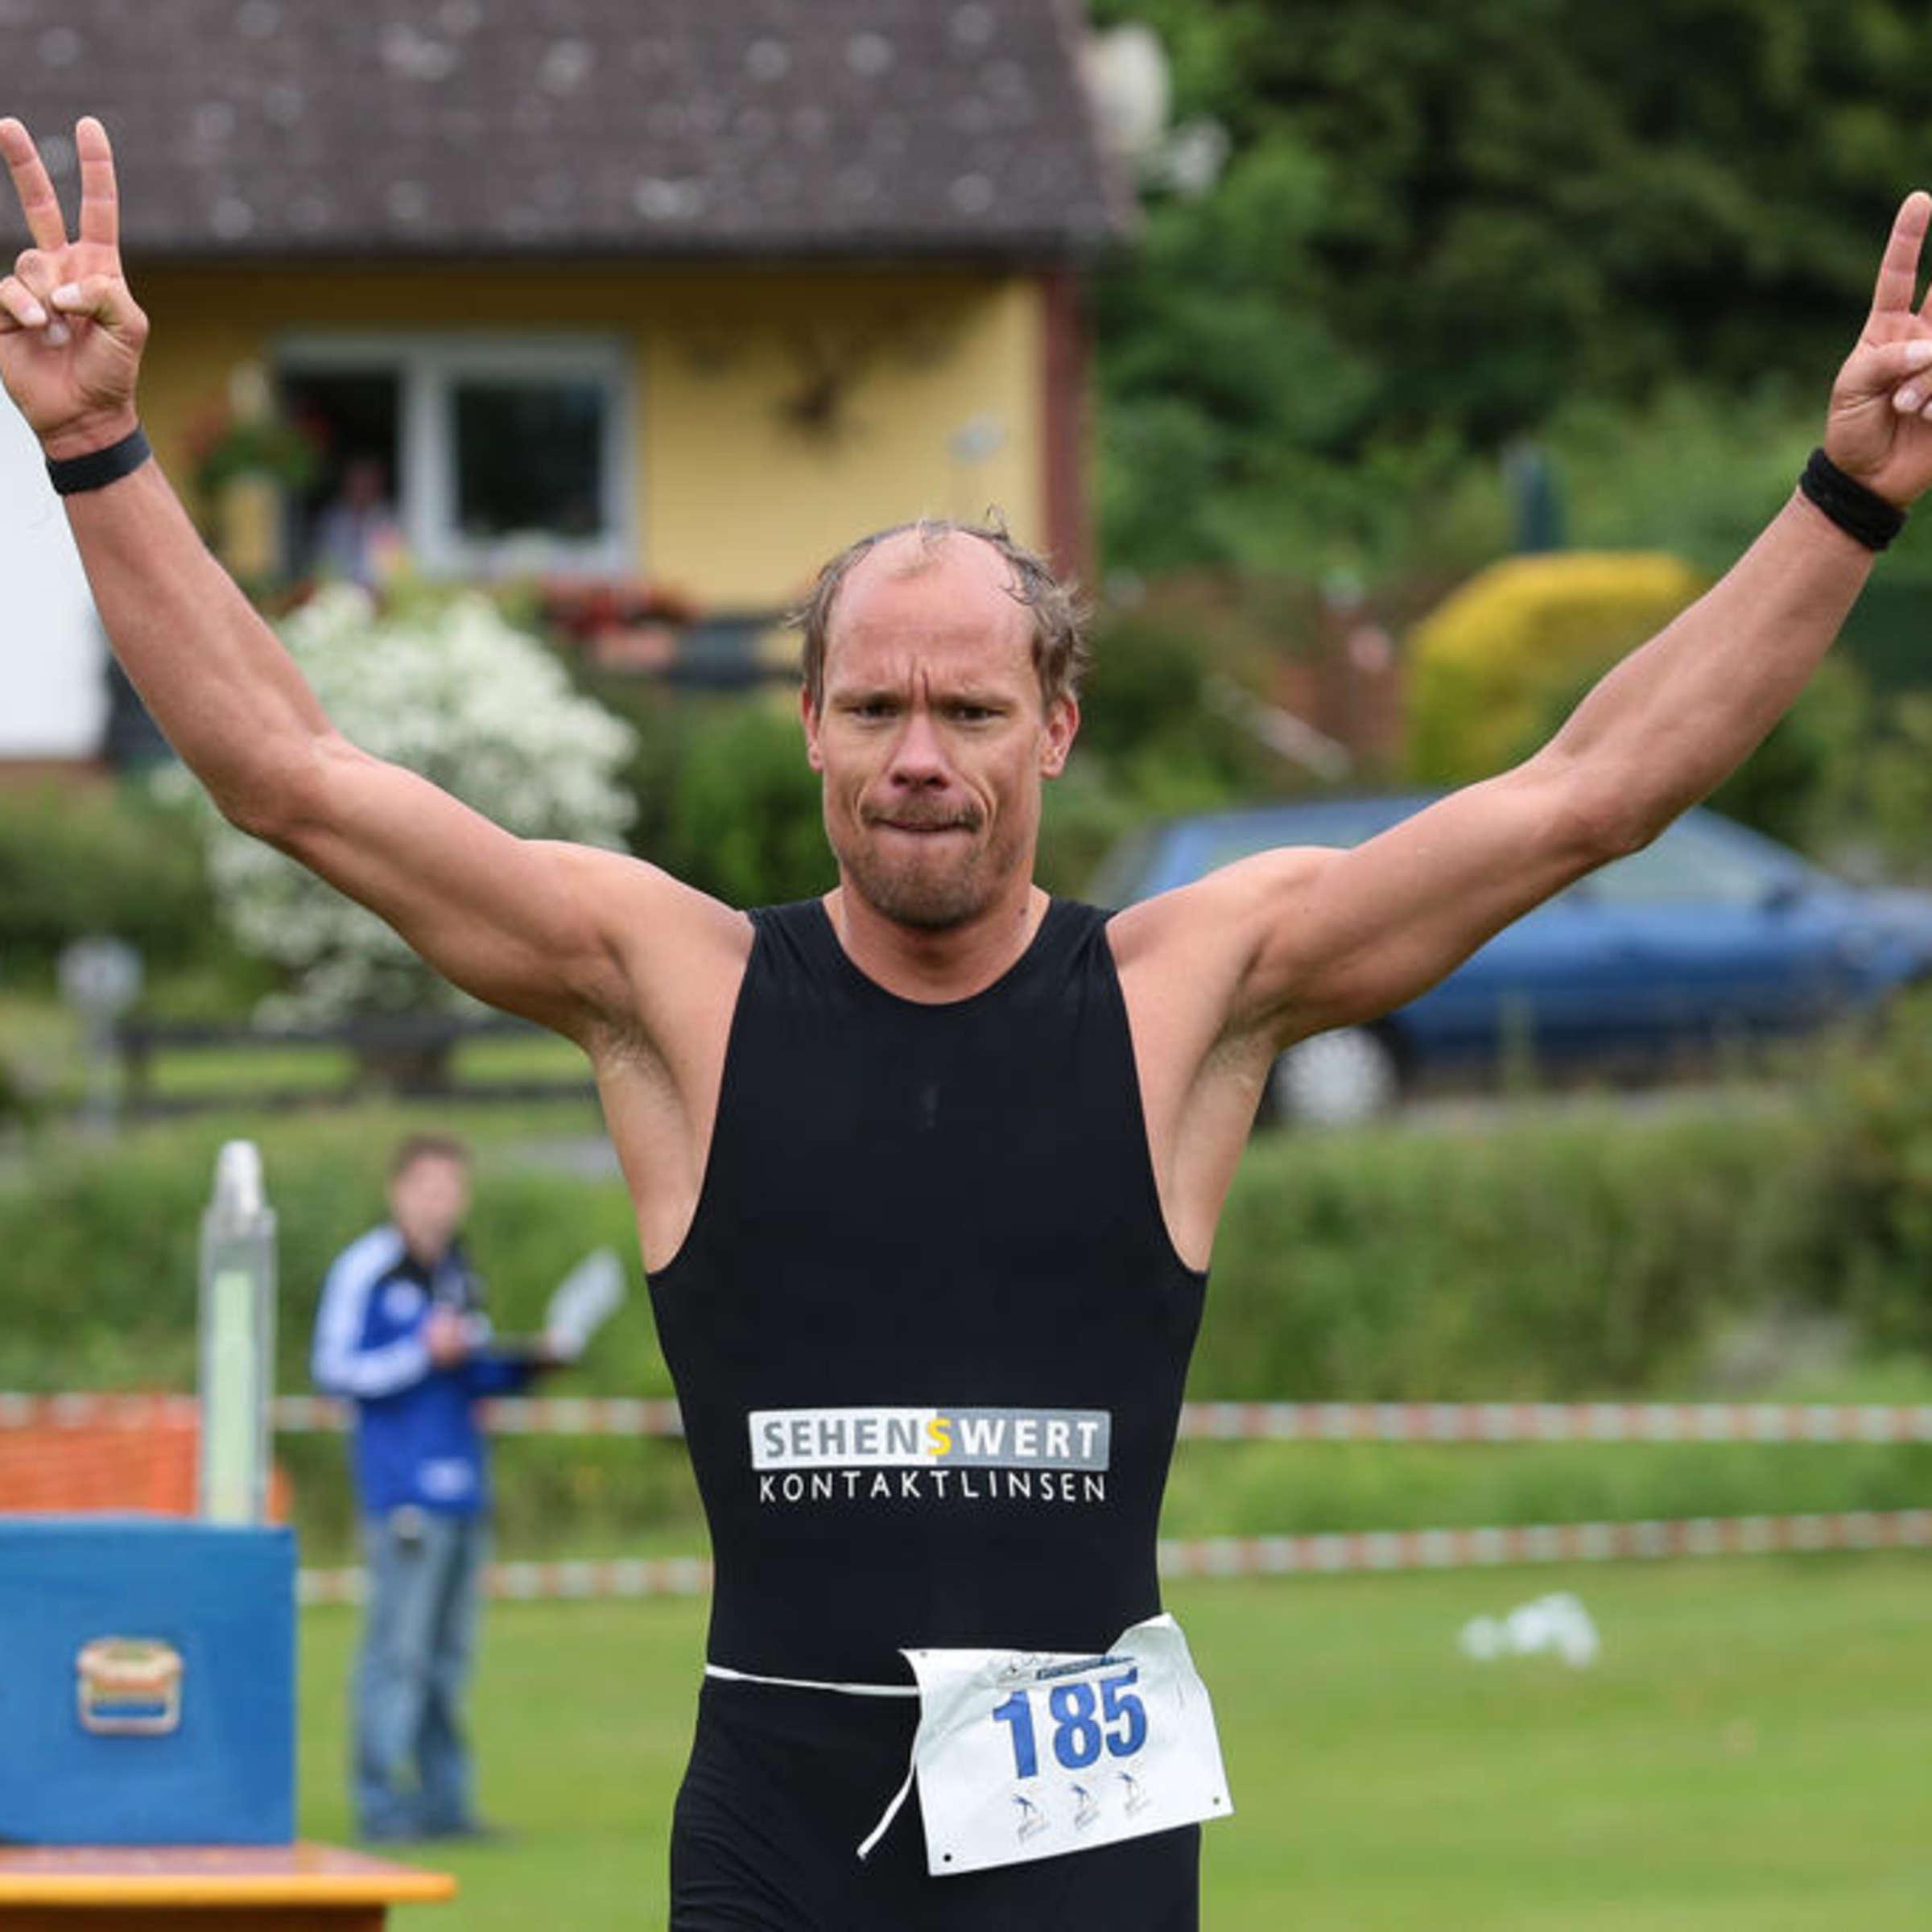 Der Sieger Radelt Heim Nach Gottingen Lokalsport